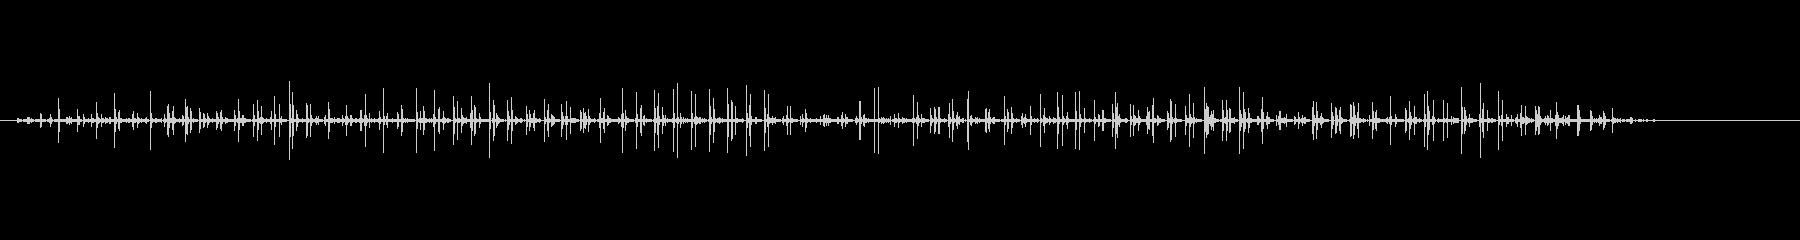 馬-柔らかい表面-連続-GALOP...の未再生の波形